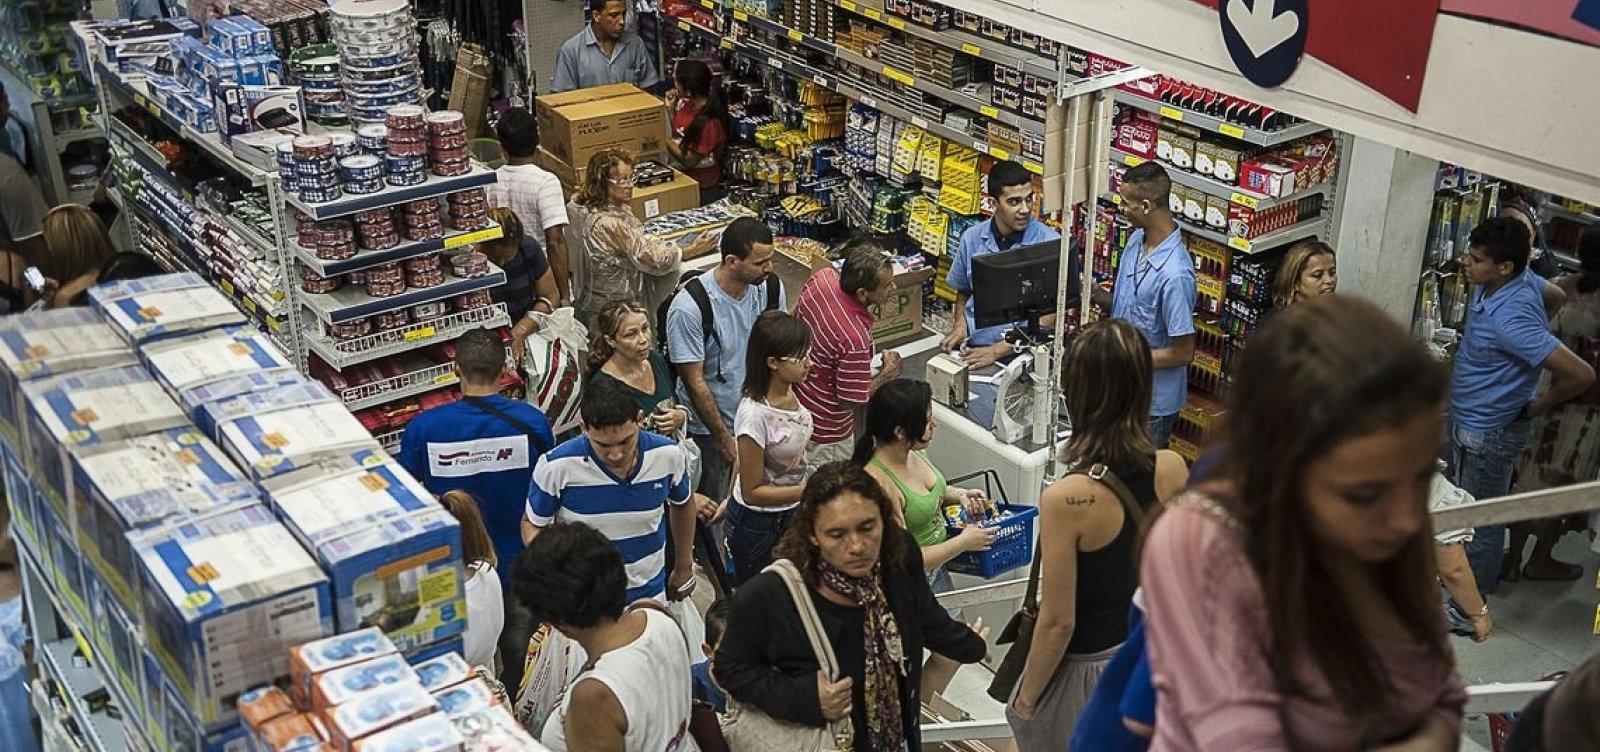 [Aumenta o número de famílias brasileiras endividadas no país, diz CNC]